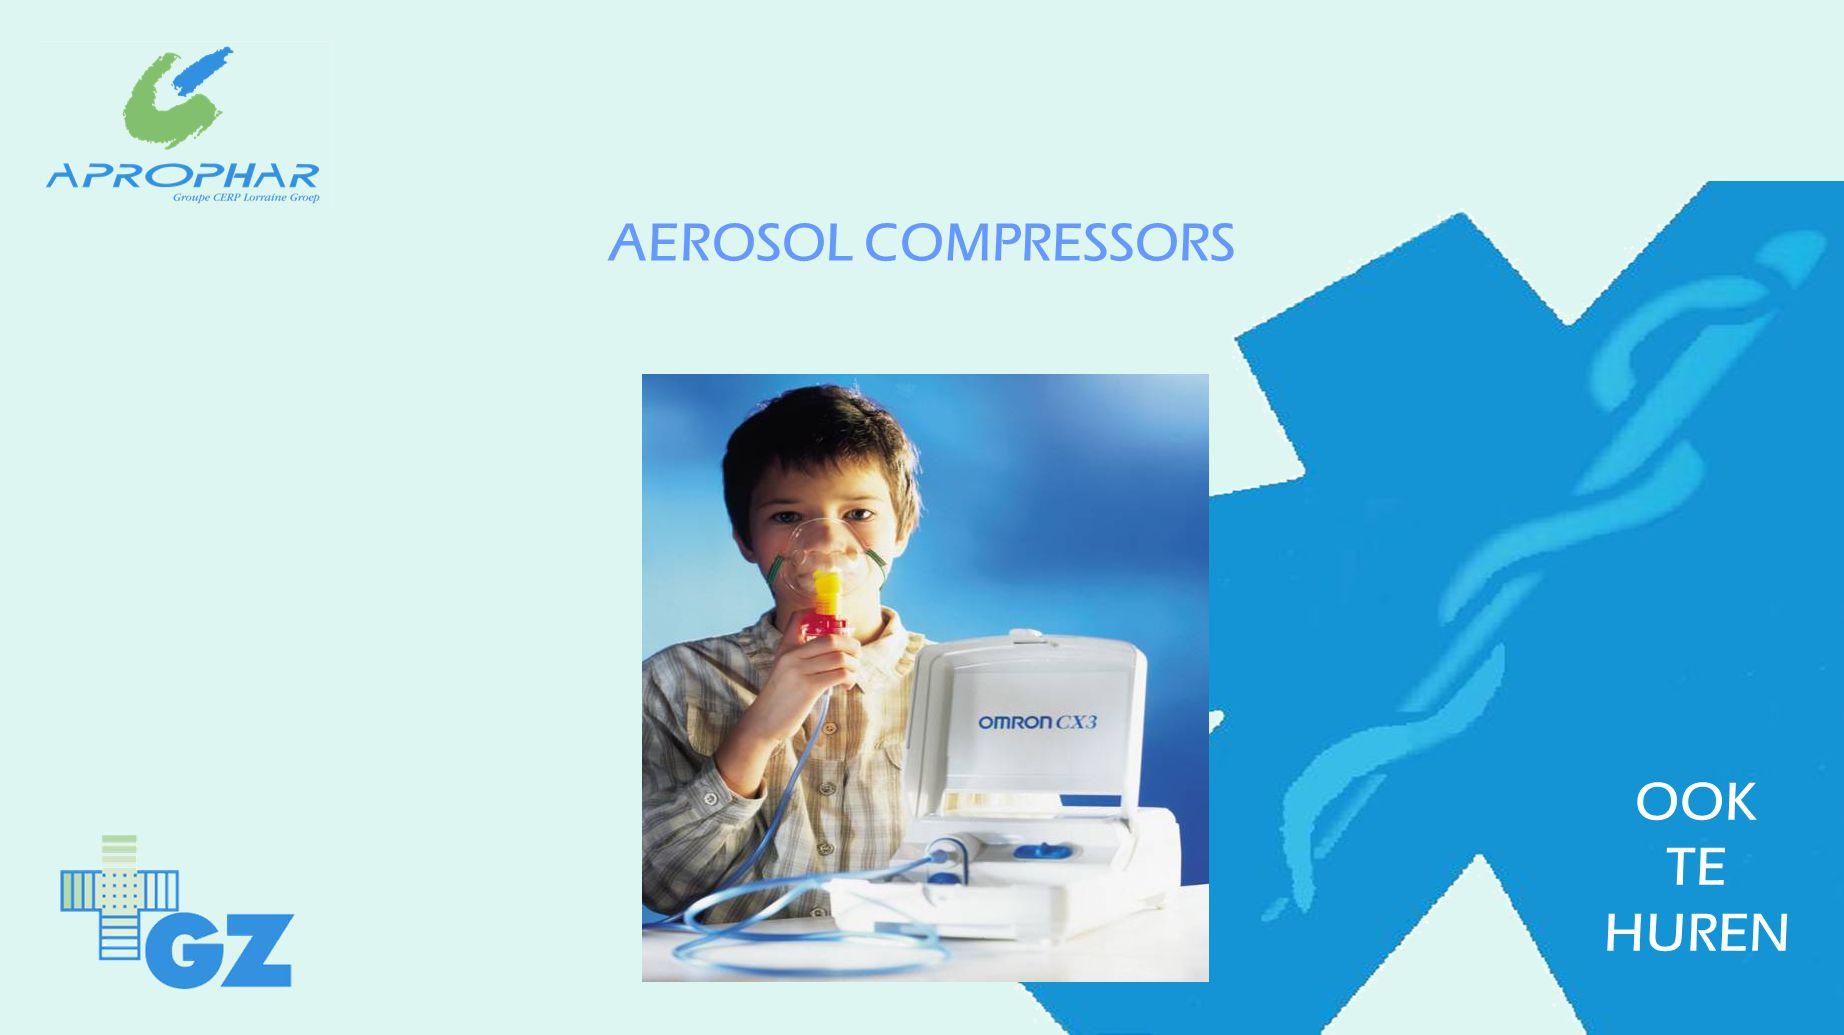 AEROSOL COMPRESSORS OOK TE HUREN